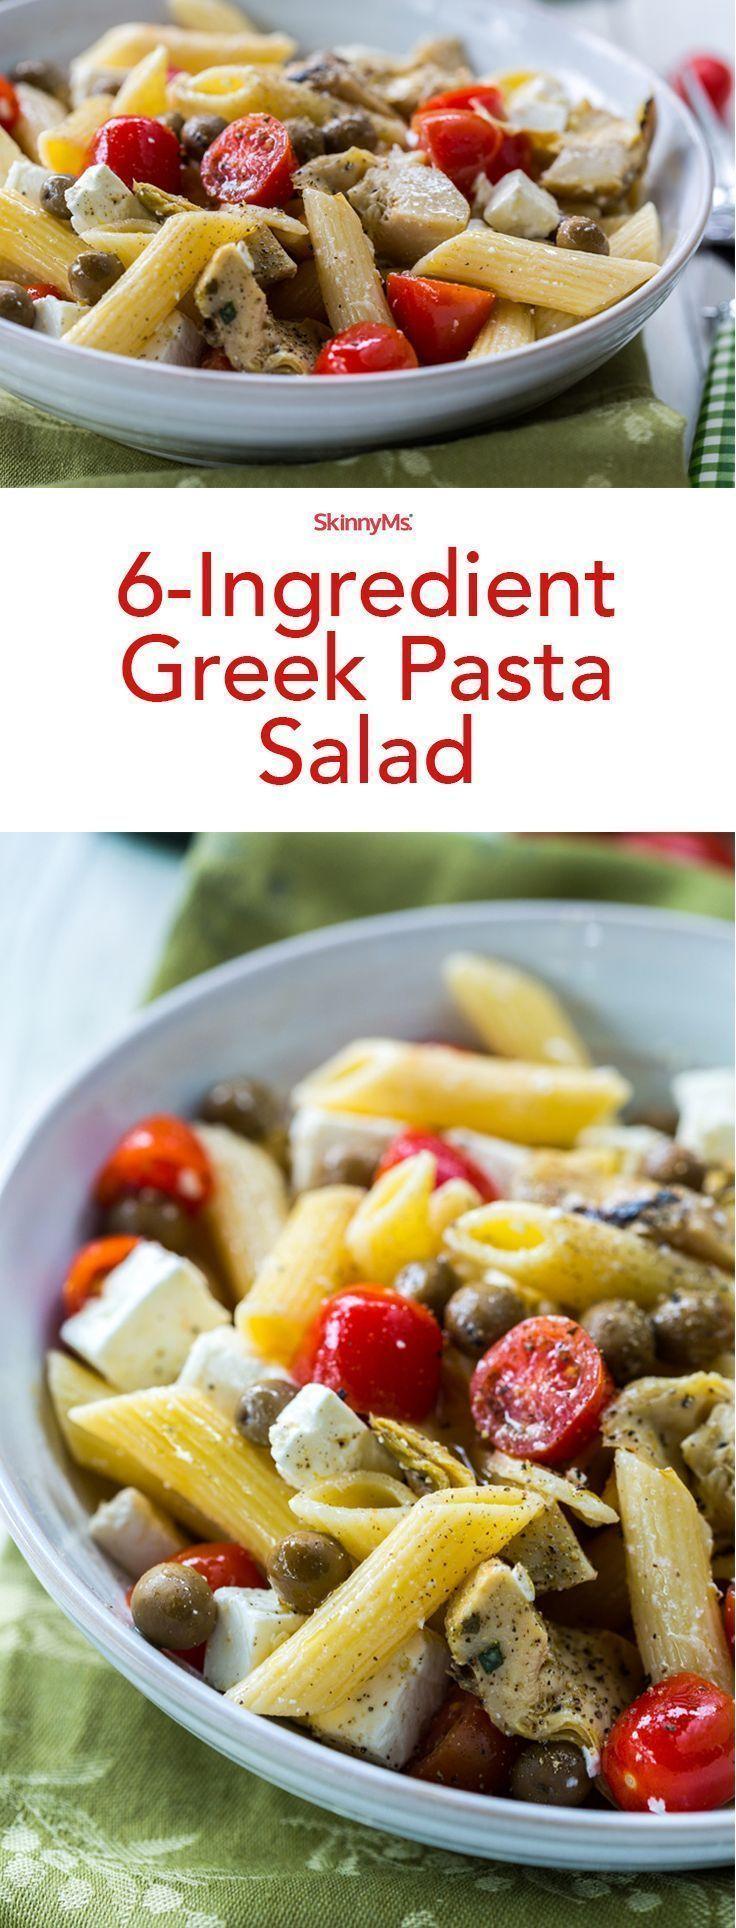 6-Ingredient Greek Pasta Salad! #skinnyms